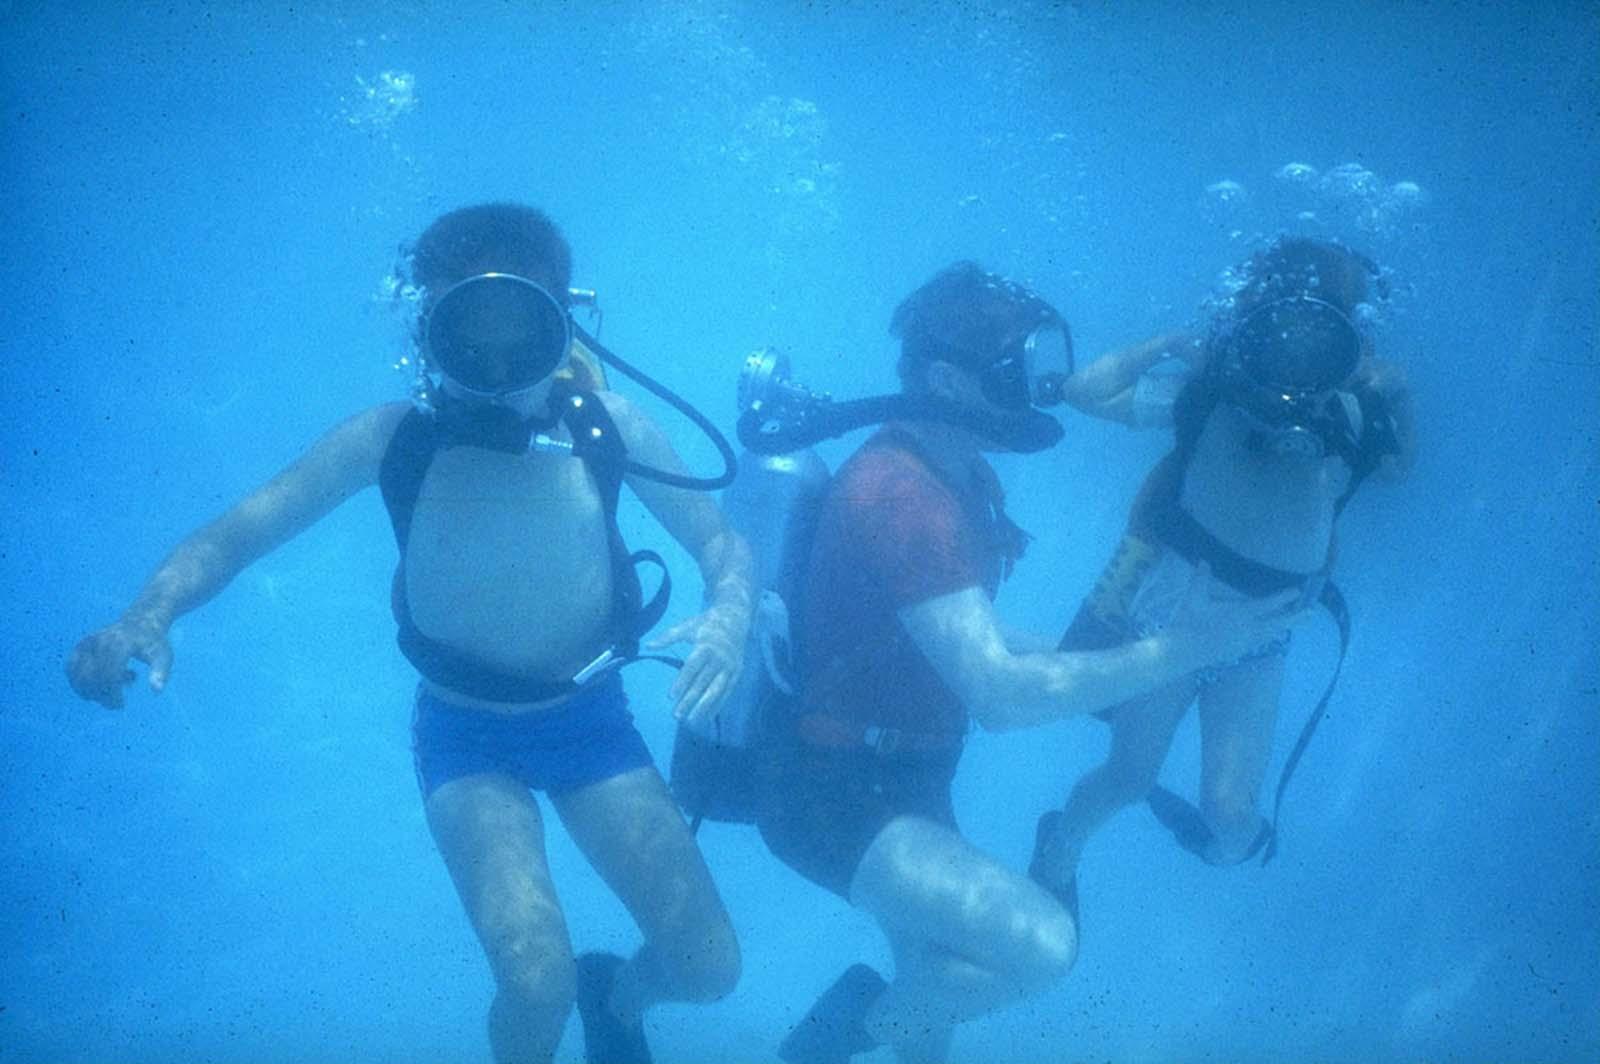 Neil Armstrong e seus filhos, Ricky e Mark, mergulham em uma piscina em Houston, Texas, em março de 1969.